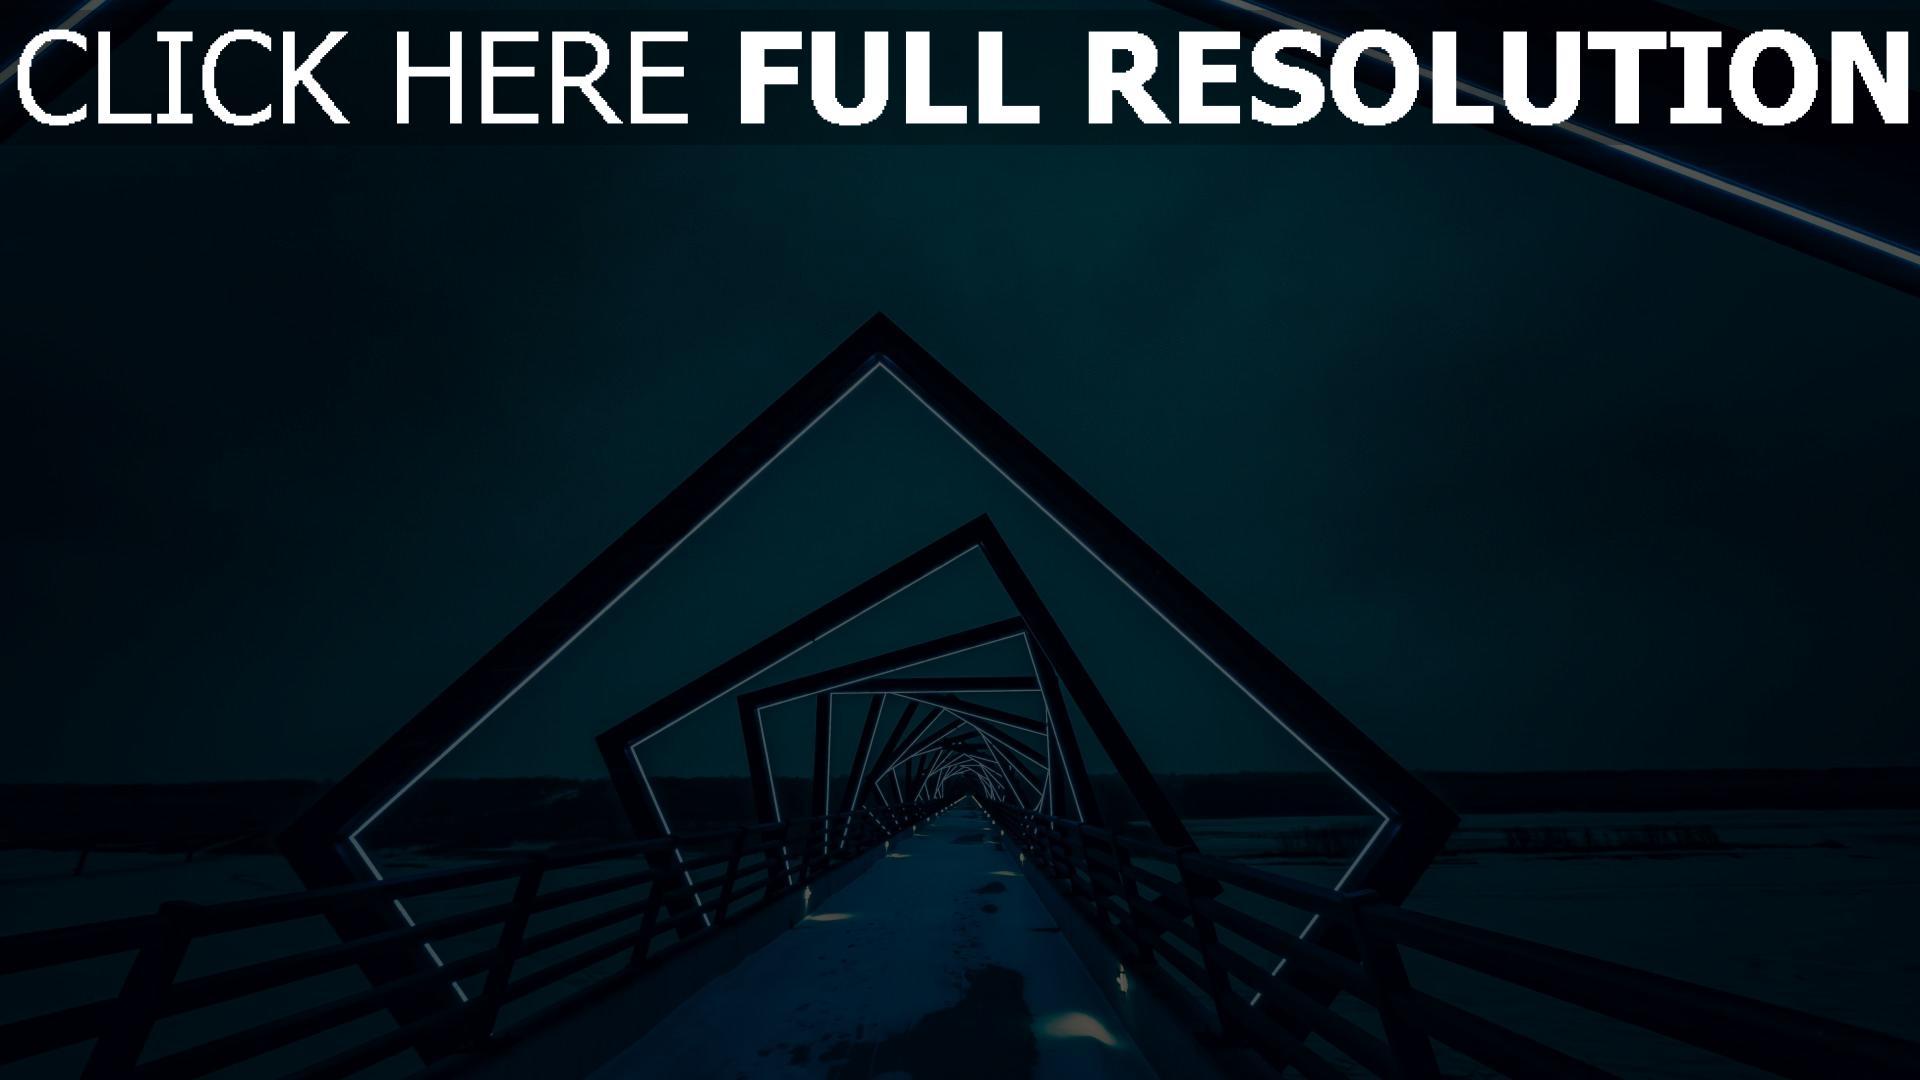 hd hintergrundbilder hintergrundbeleuchtung brücke architektur nacht 1920x1080